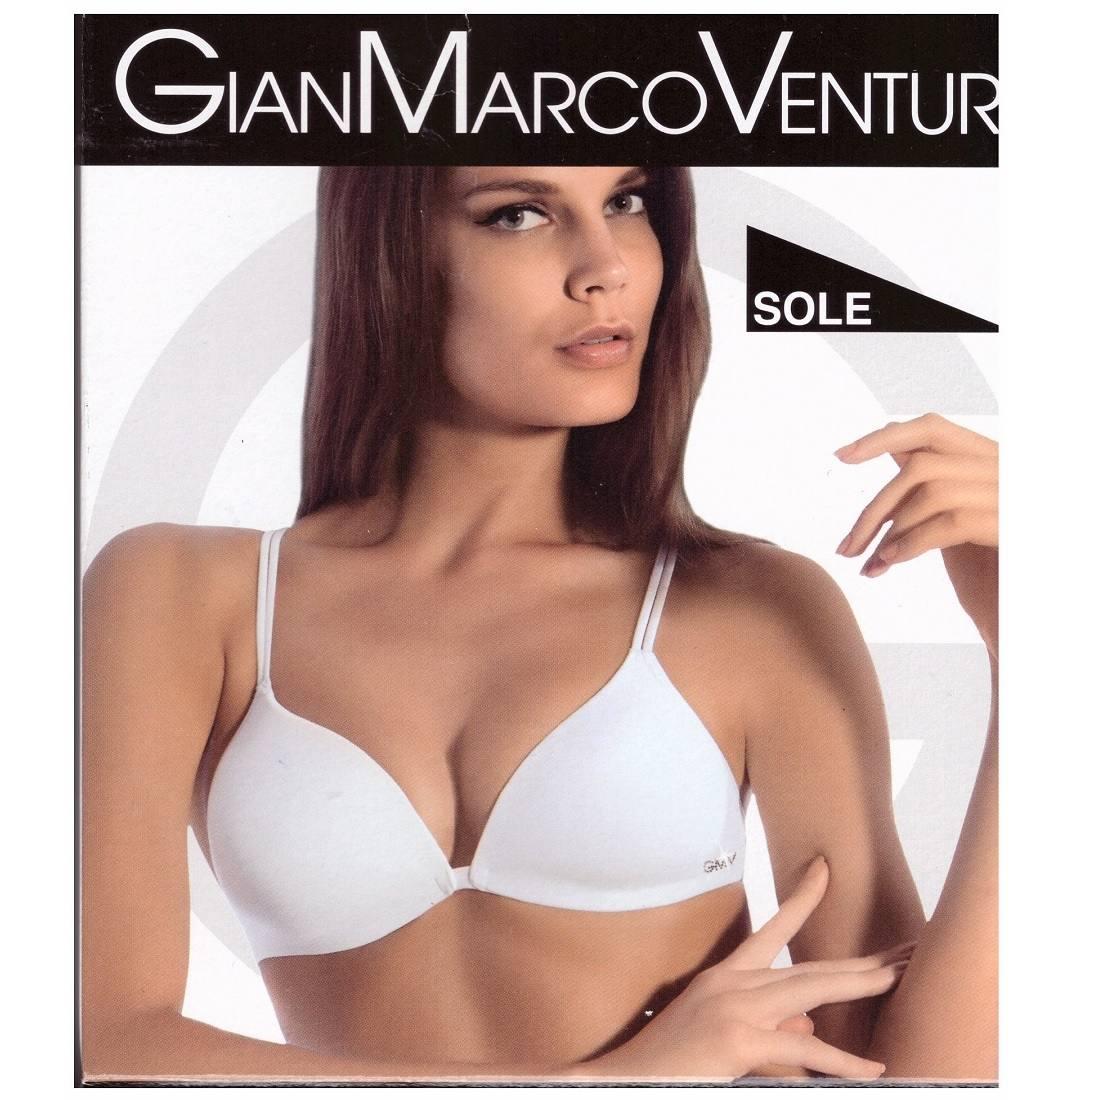 526c0503b628 Reggiseno Donna Triangolo Preformato Gian Marco Venturi Articolo Sole